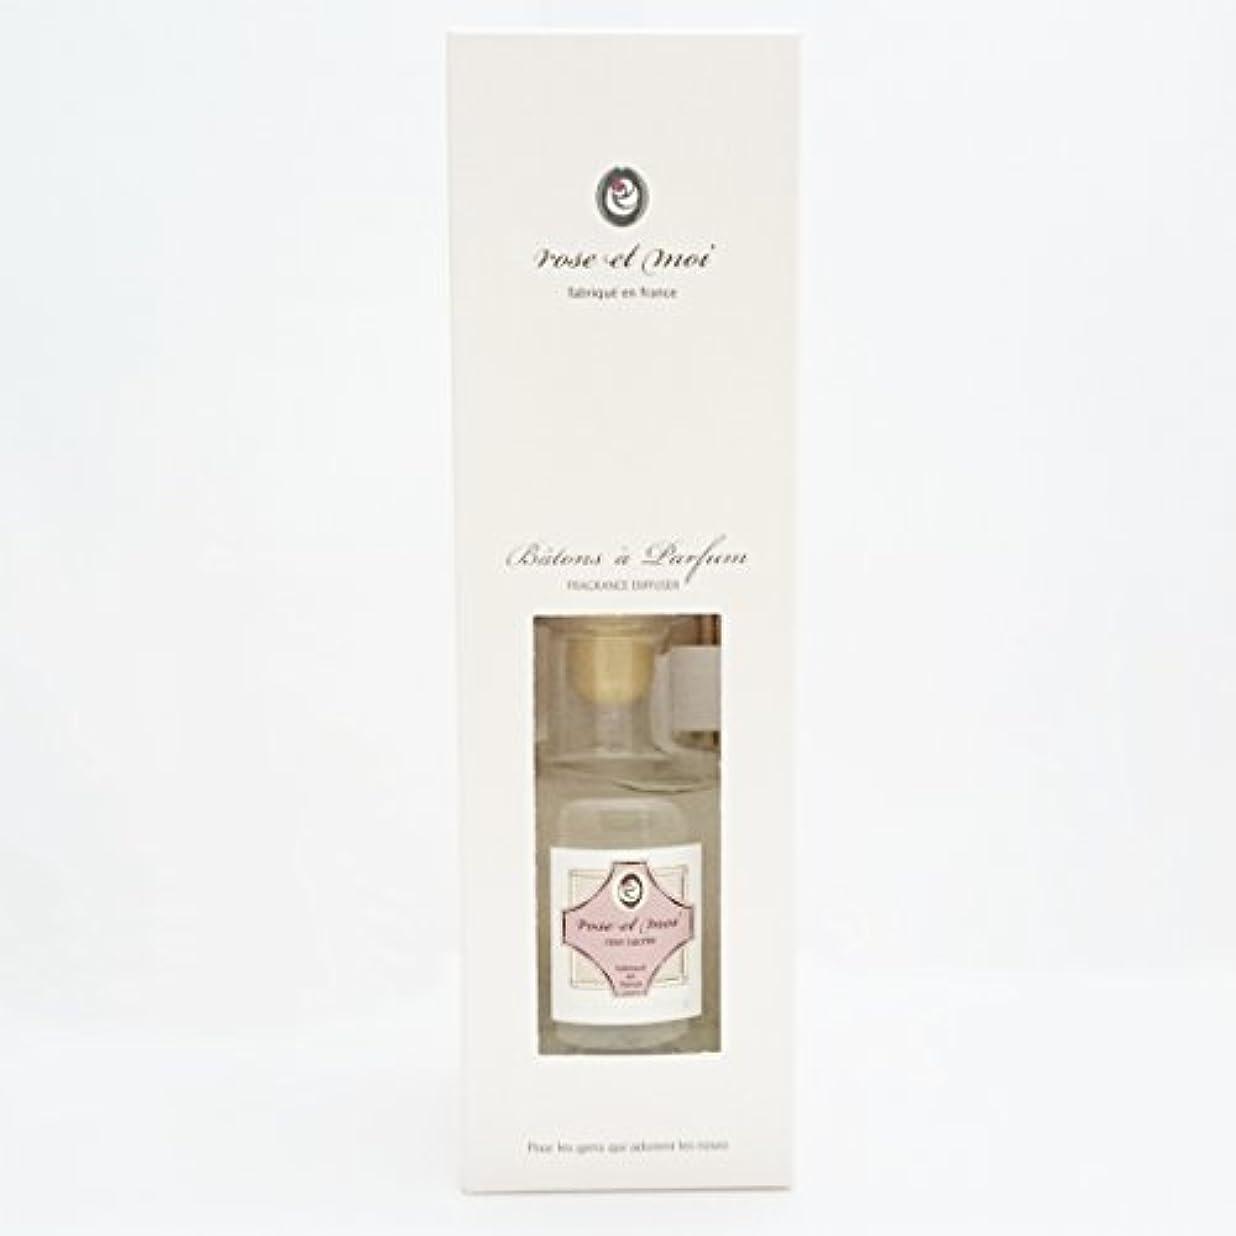 【ローズシュクレ】Lothantique(ロタンティック)  rose et moi(ローズ エ モア)  フレグランスディフューザー 200ml (rose sucree(ローズ シュクレ))4994228026972